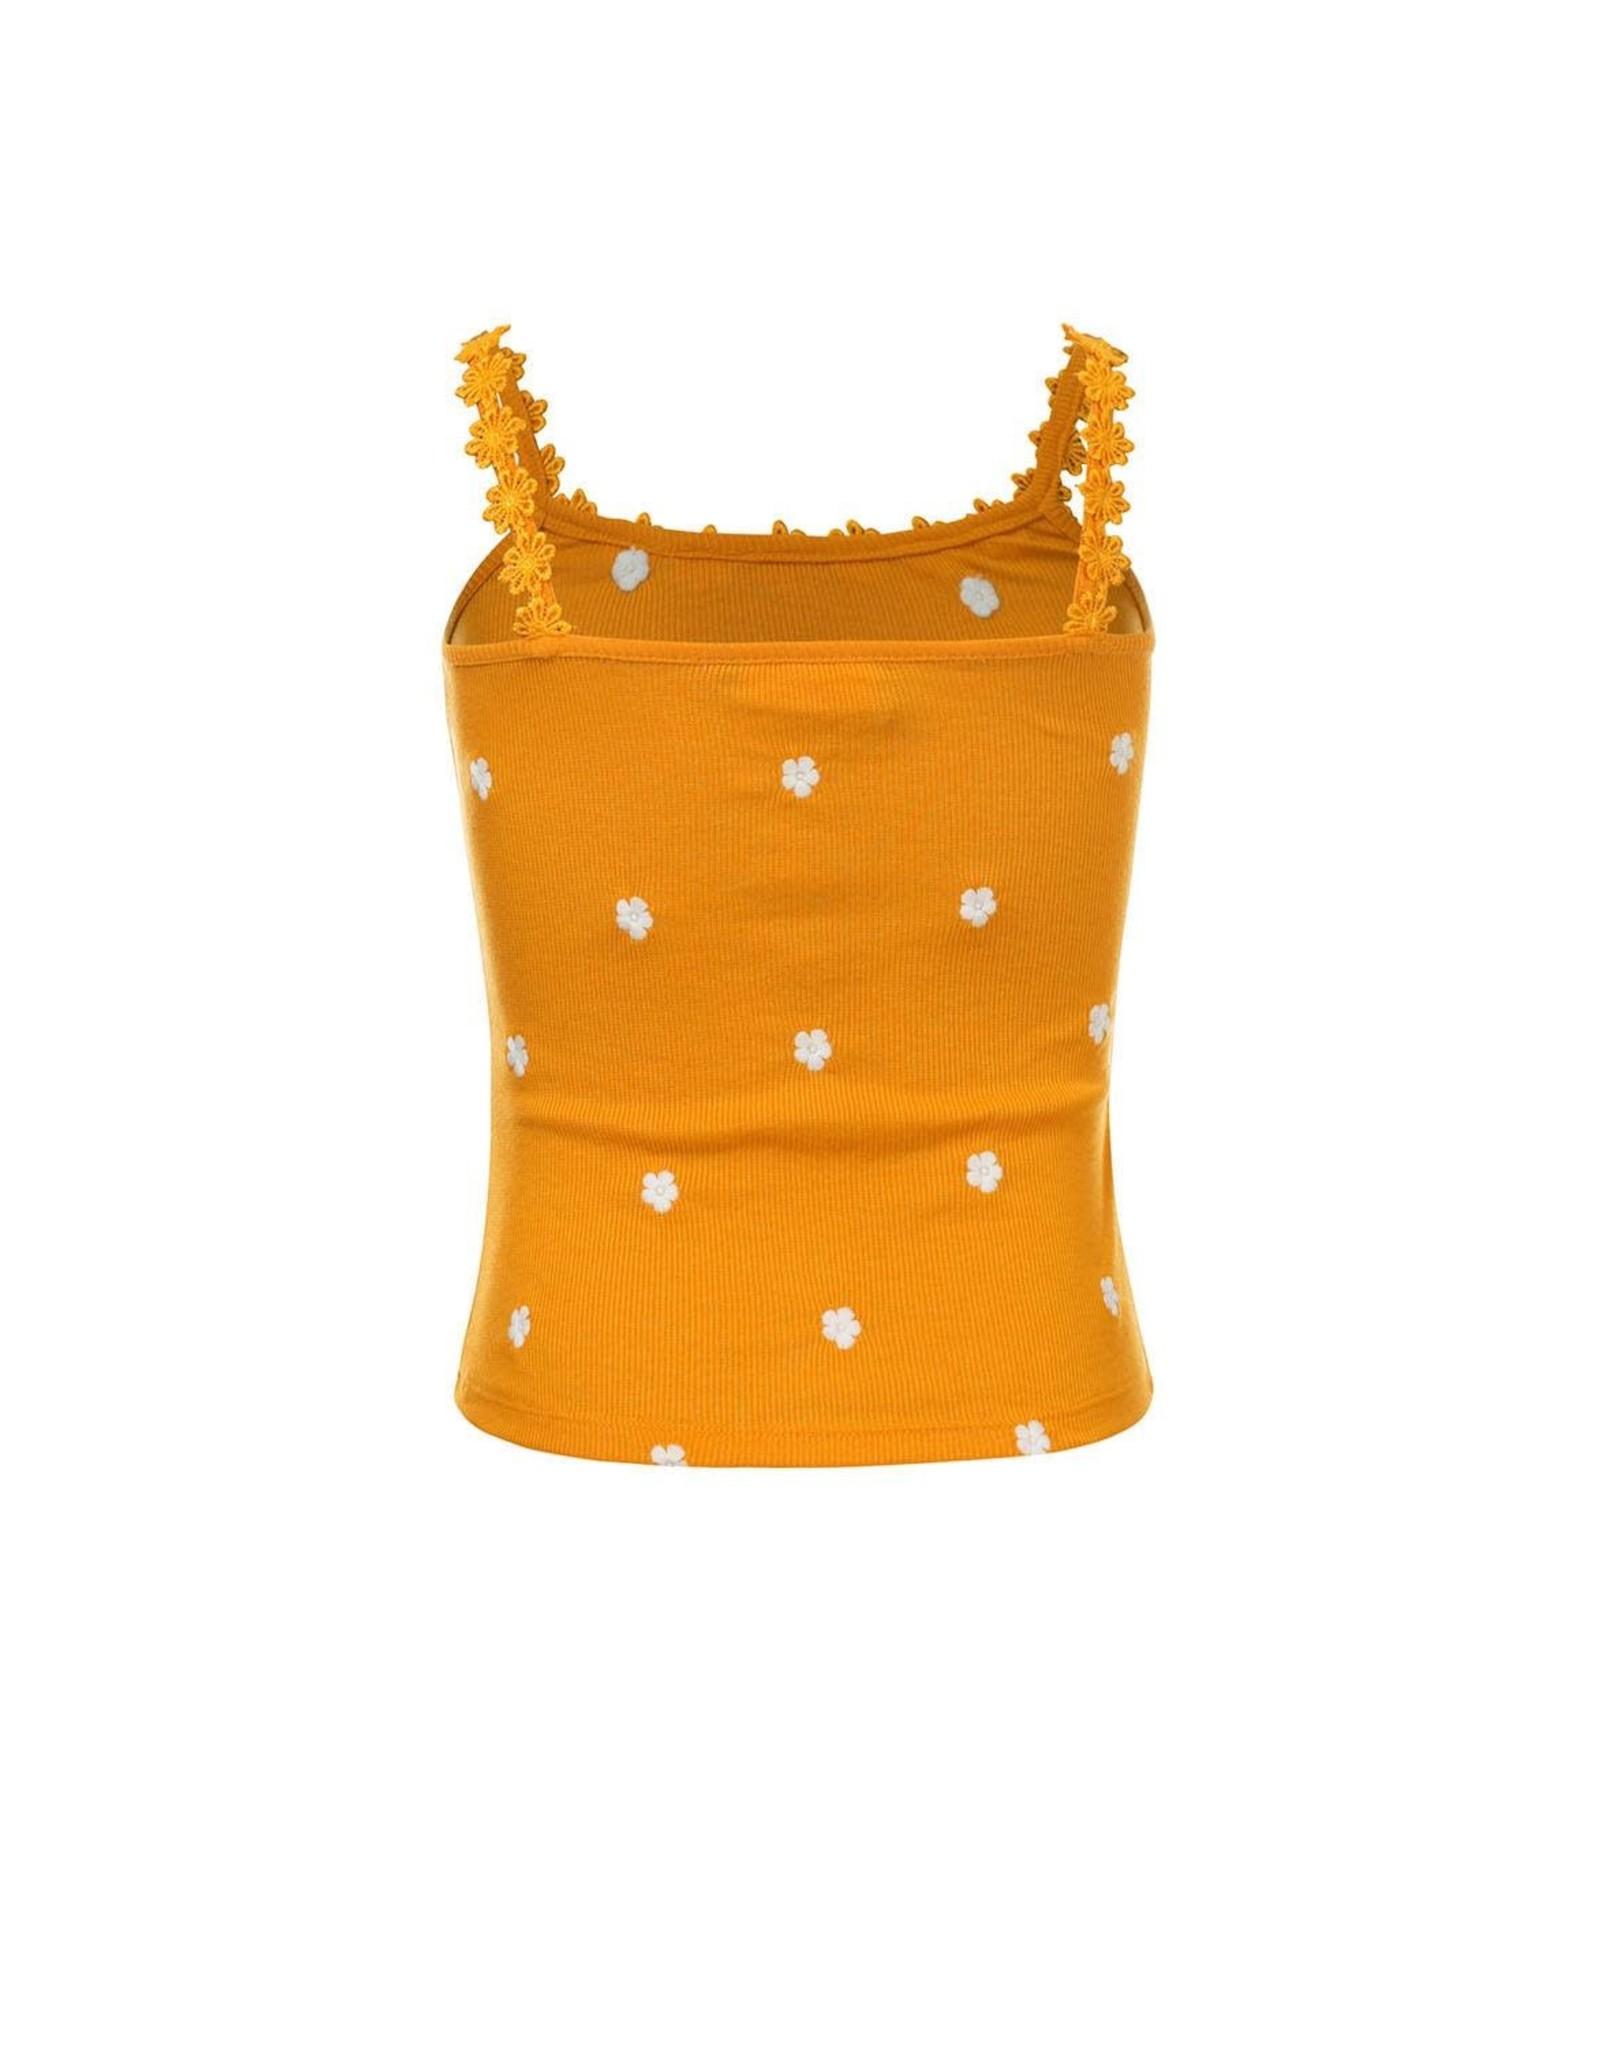 Looxs 10Sixteen rib singlet with daisy sunflower